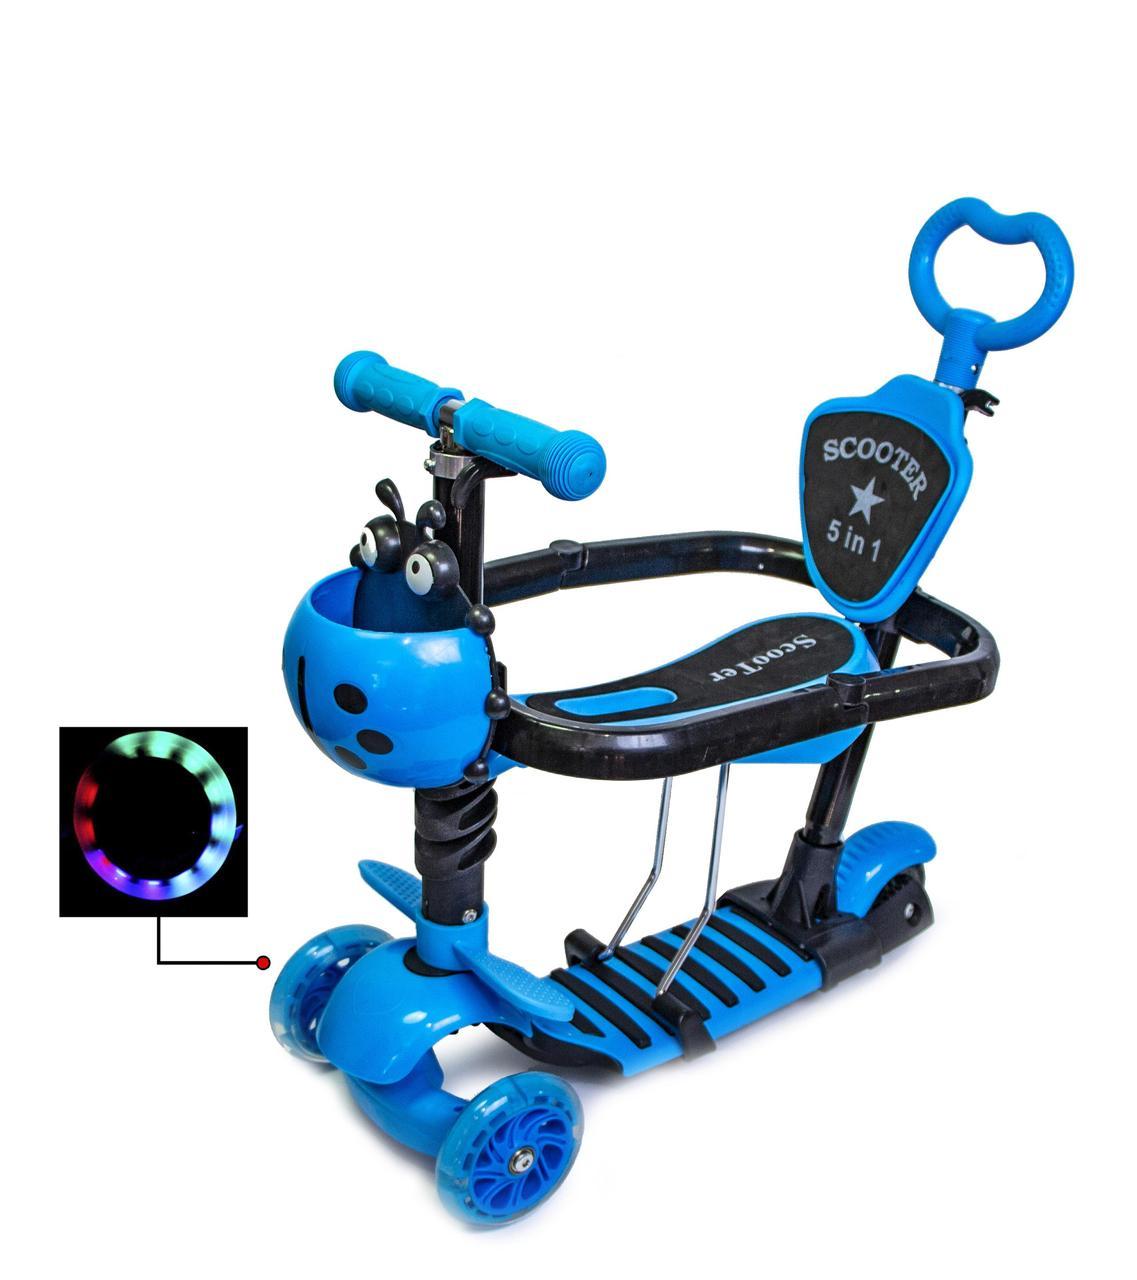 Детский самокат Scale Sports 5 в 1 Божья коровка Светло голубой цвет С ограничителем Светящиеся колеса